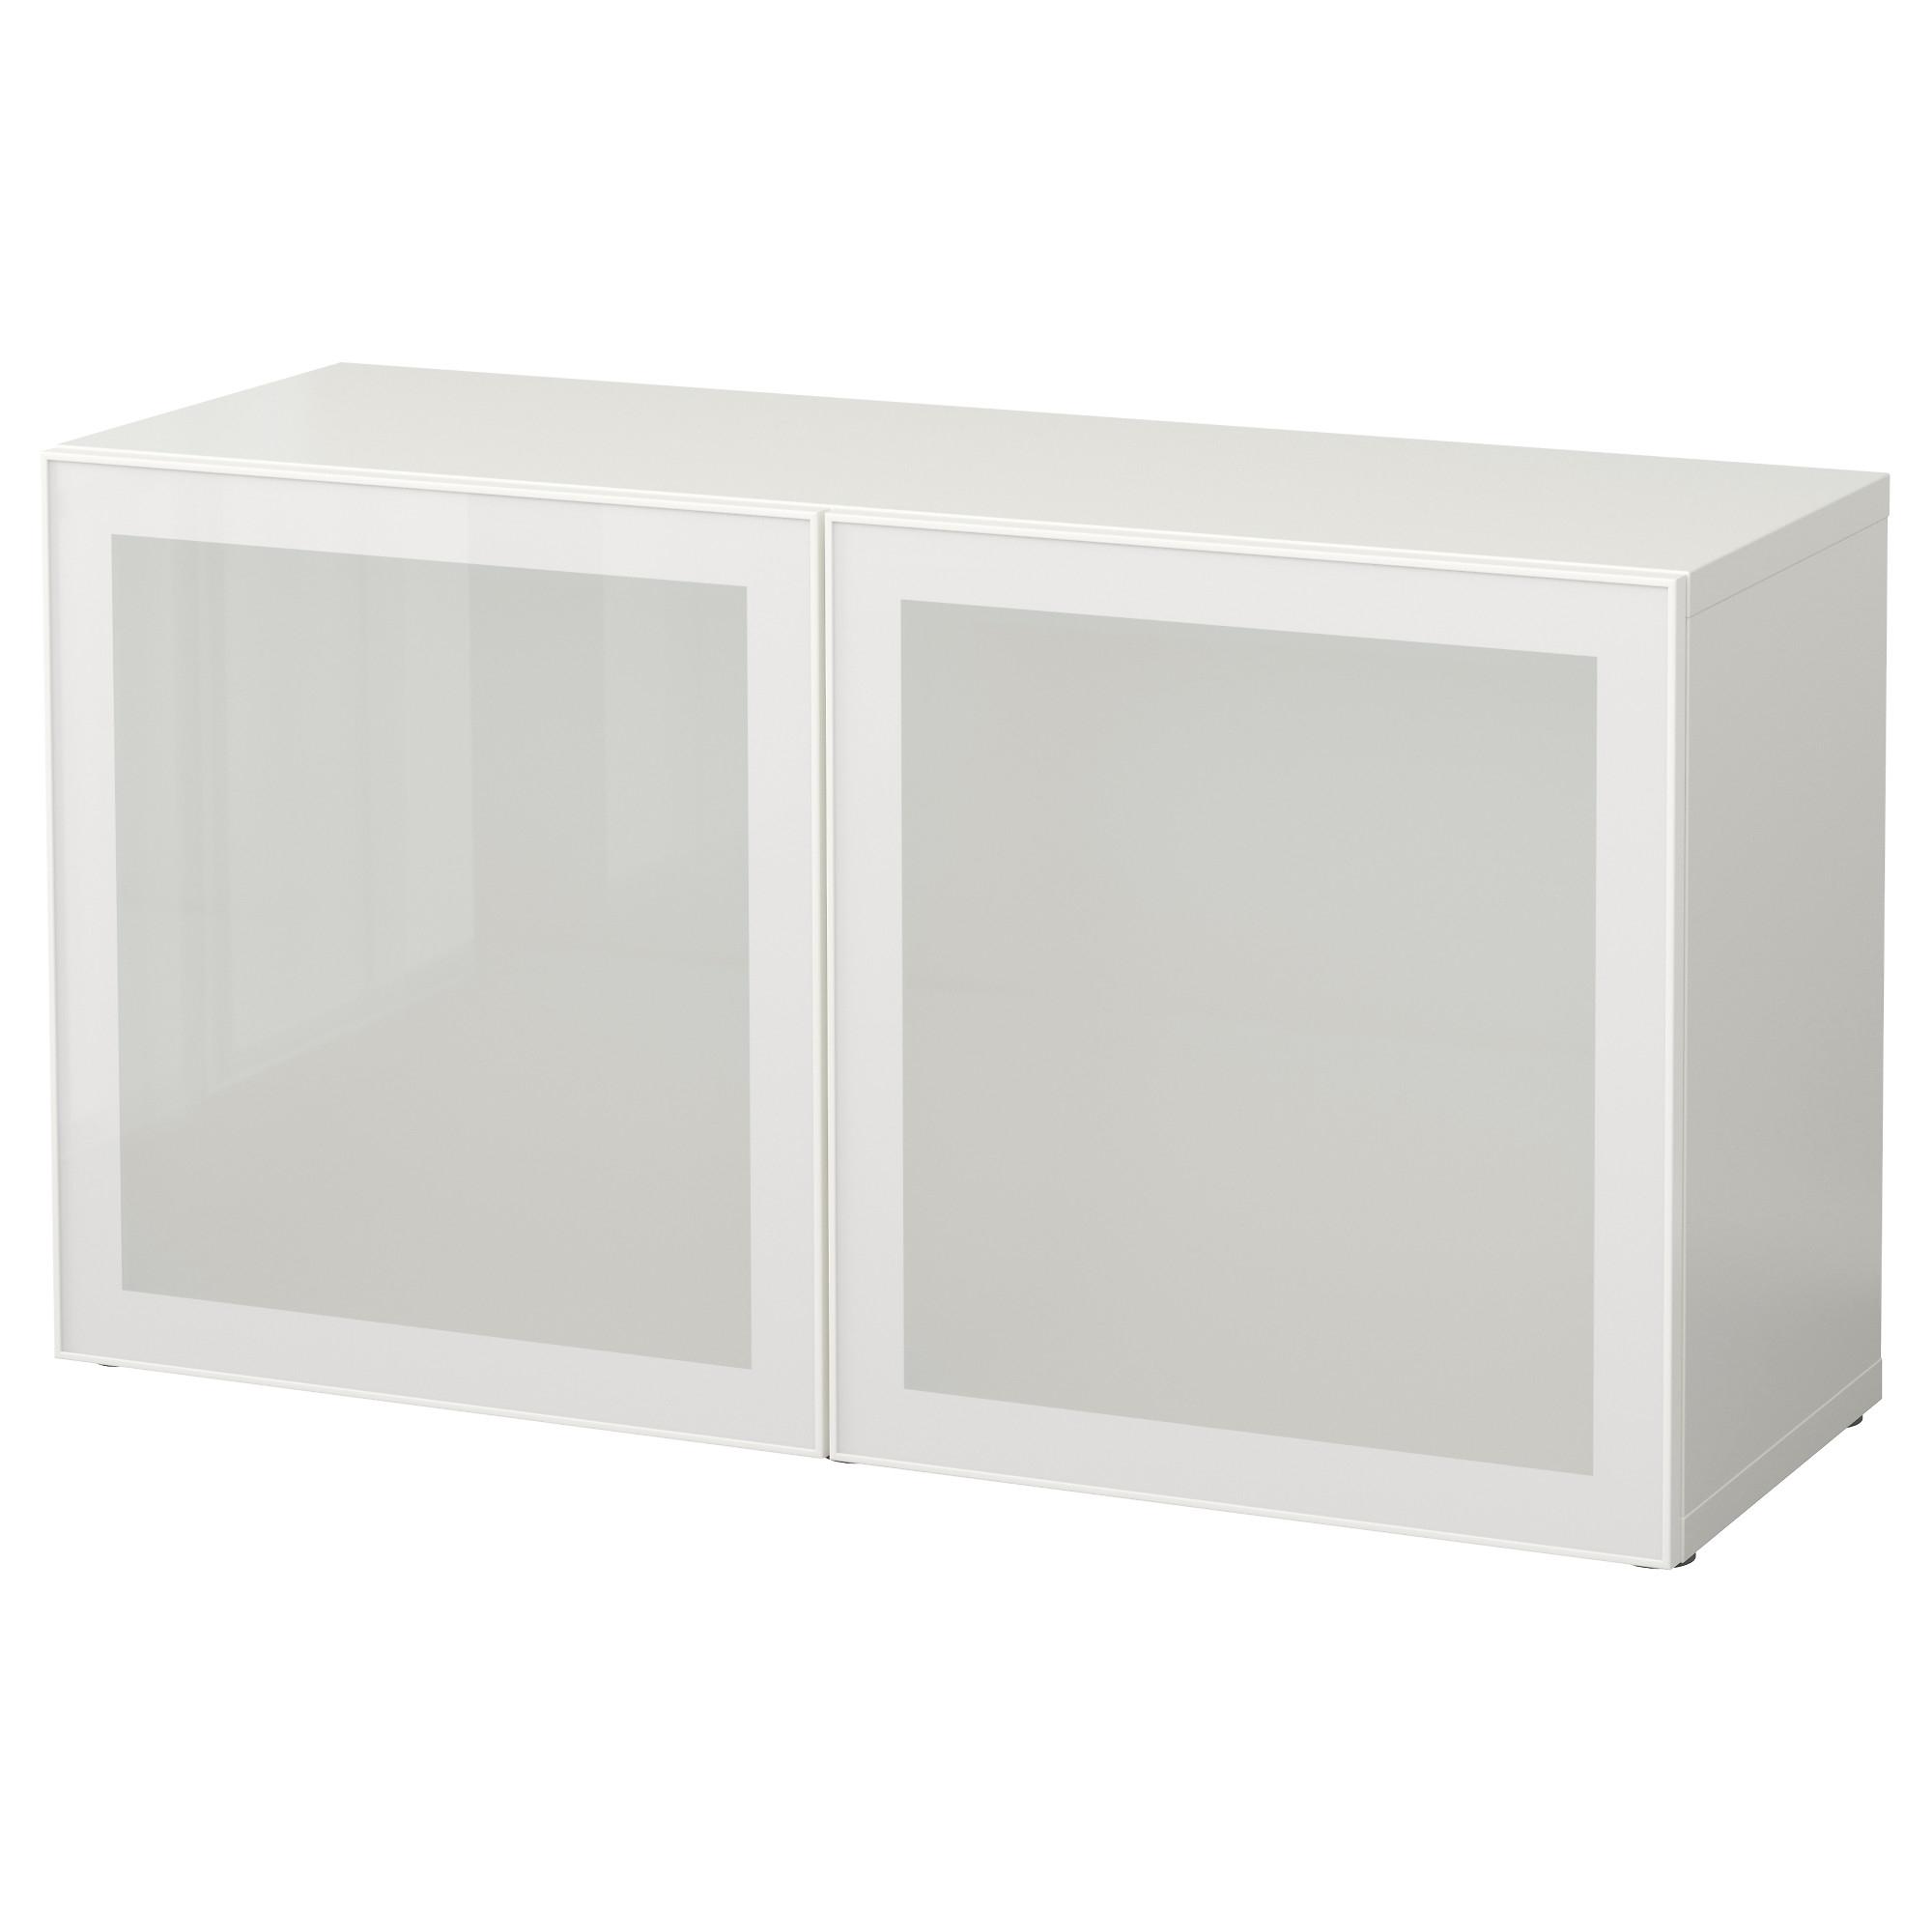 Best estanter a con puertas de vidrio for Estanterias con puertas ikea